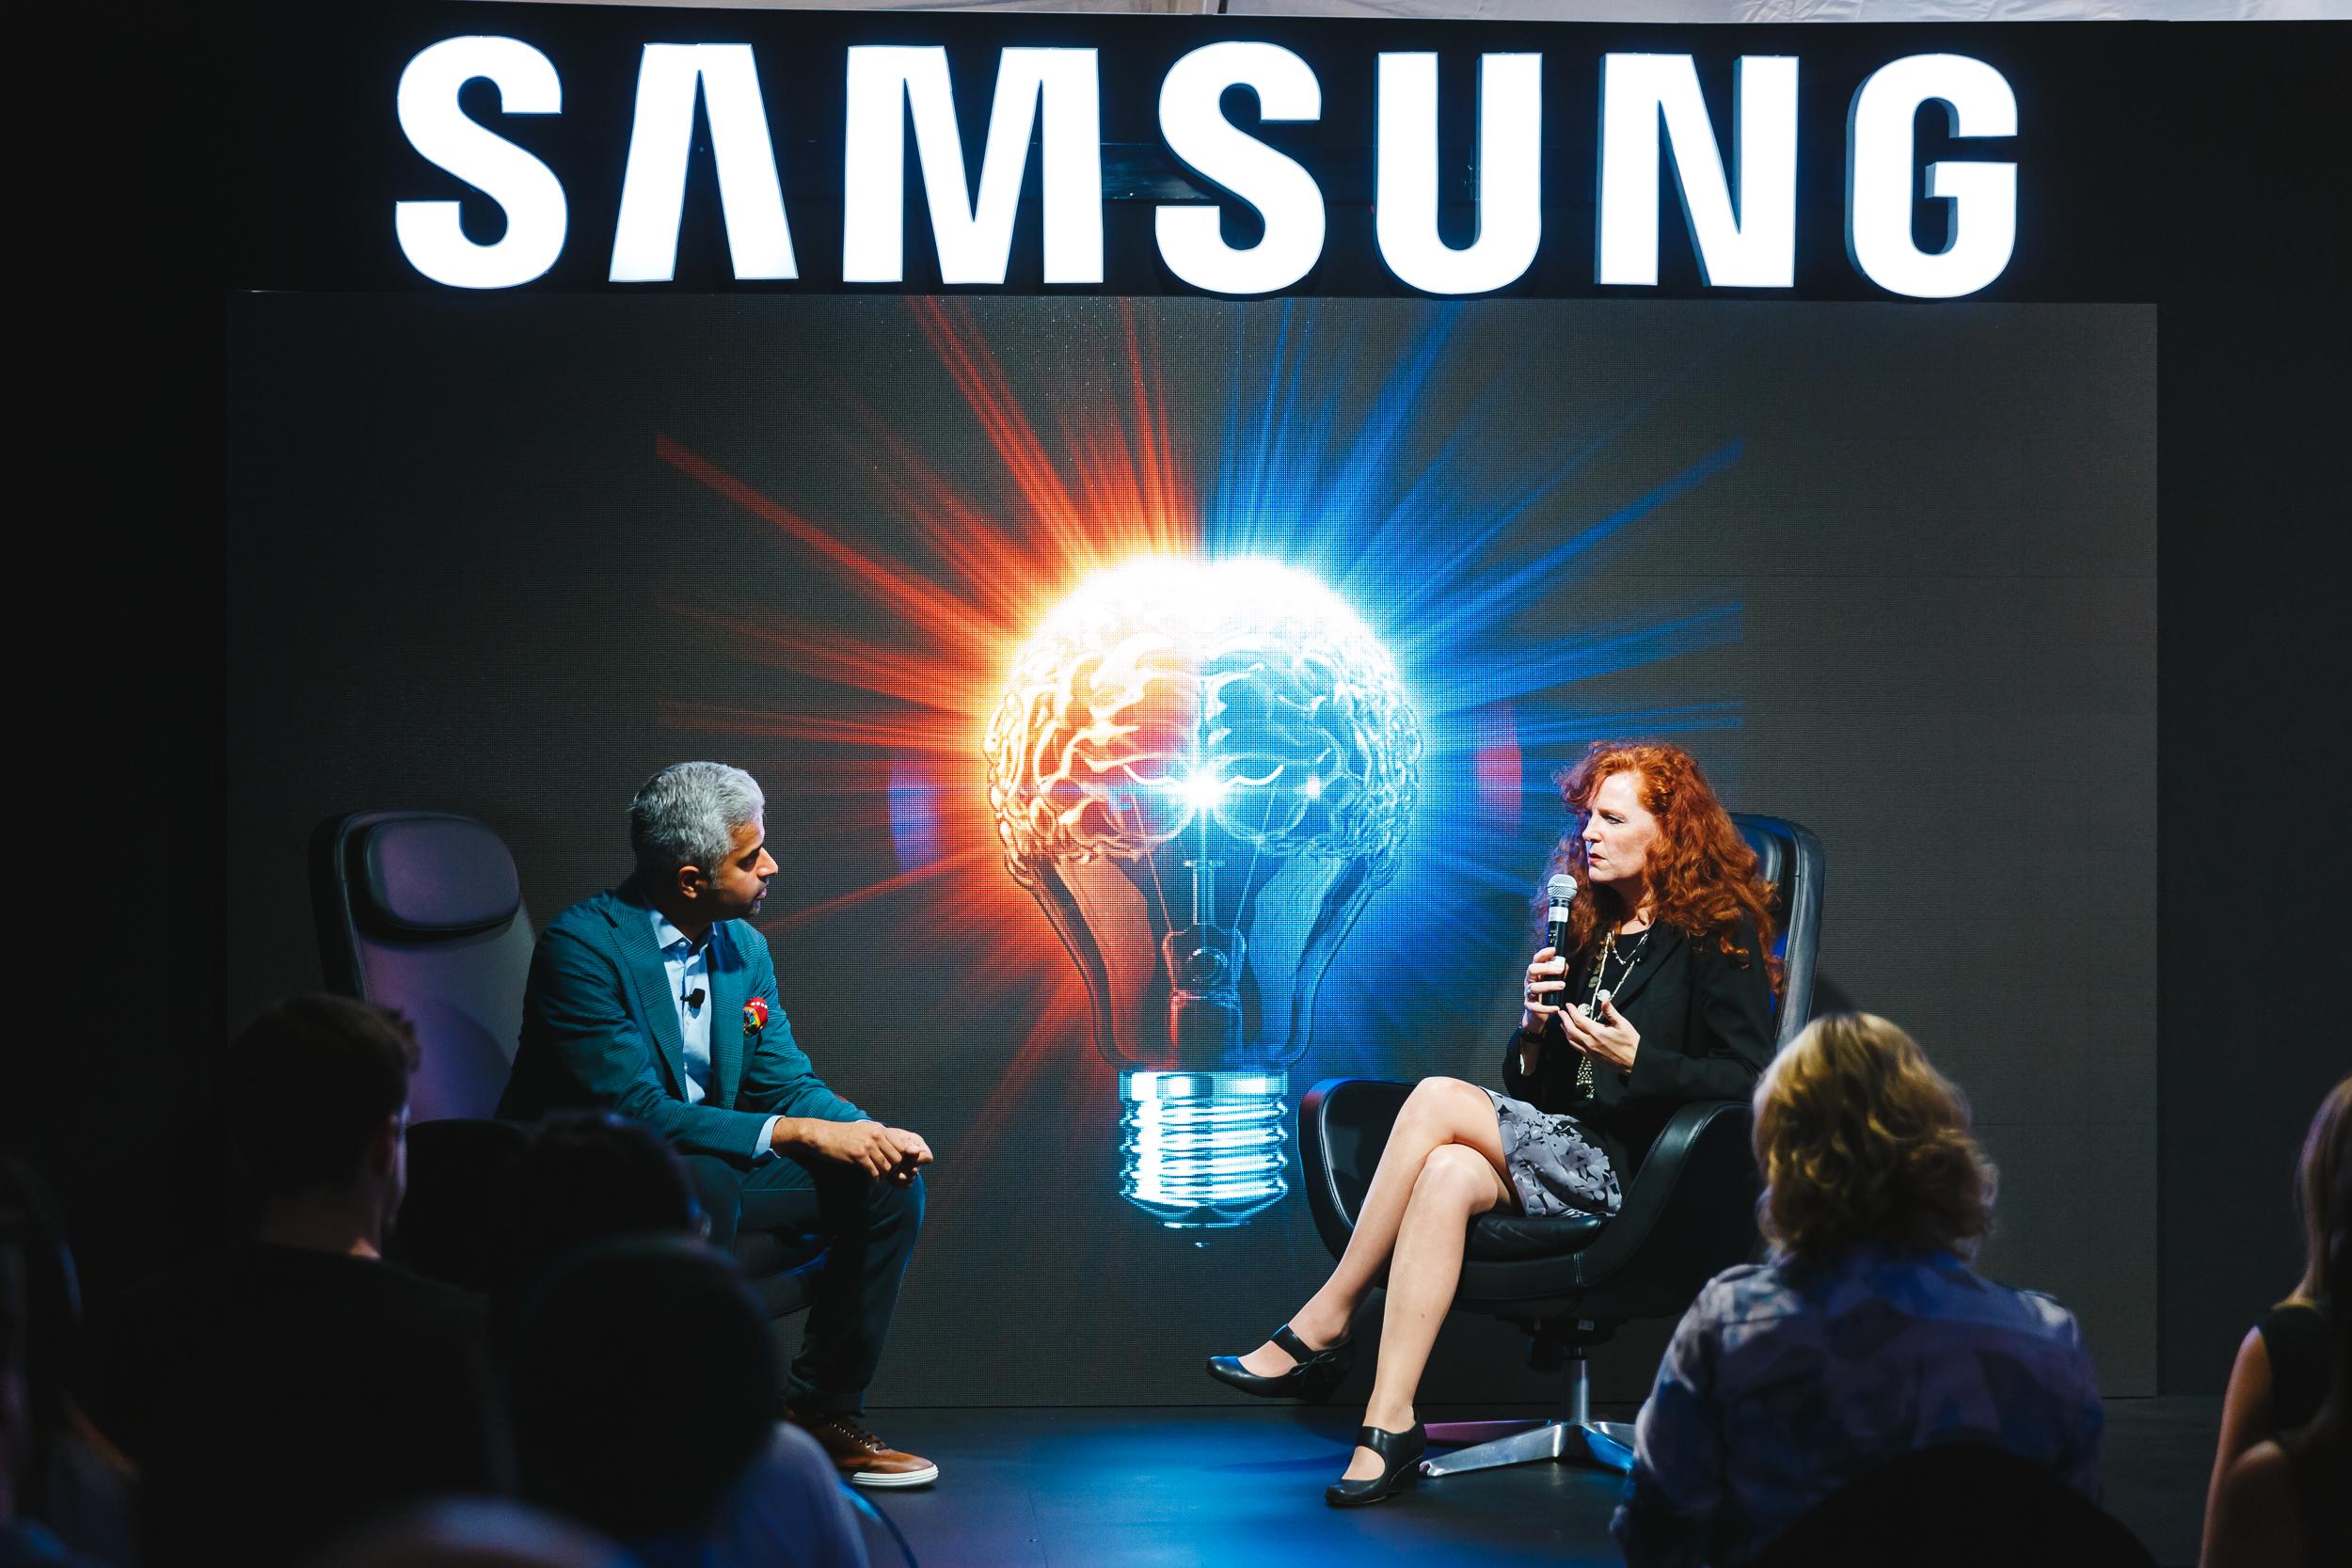 Samsung-Galaxy-Life-photo11.jpg